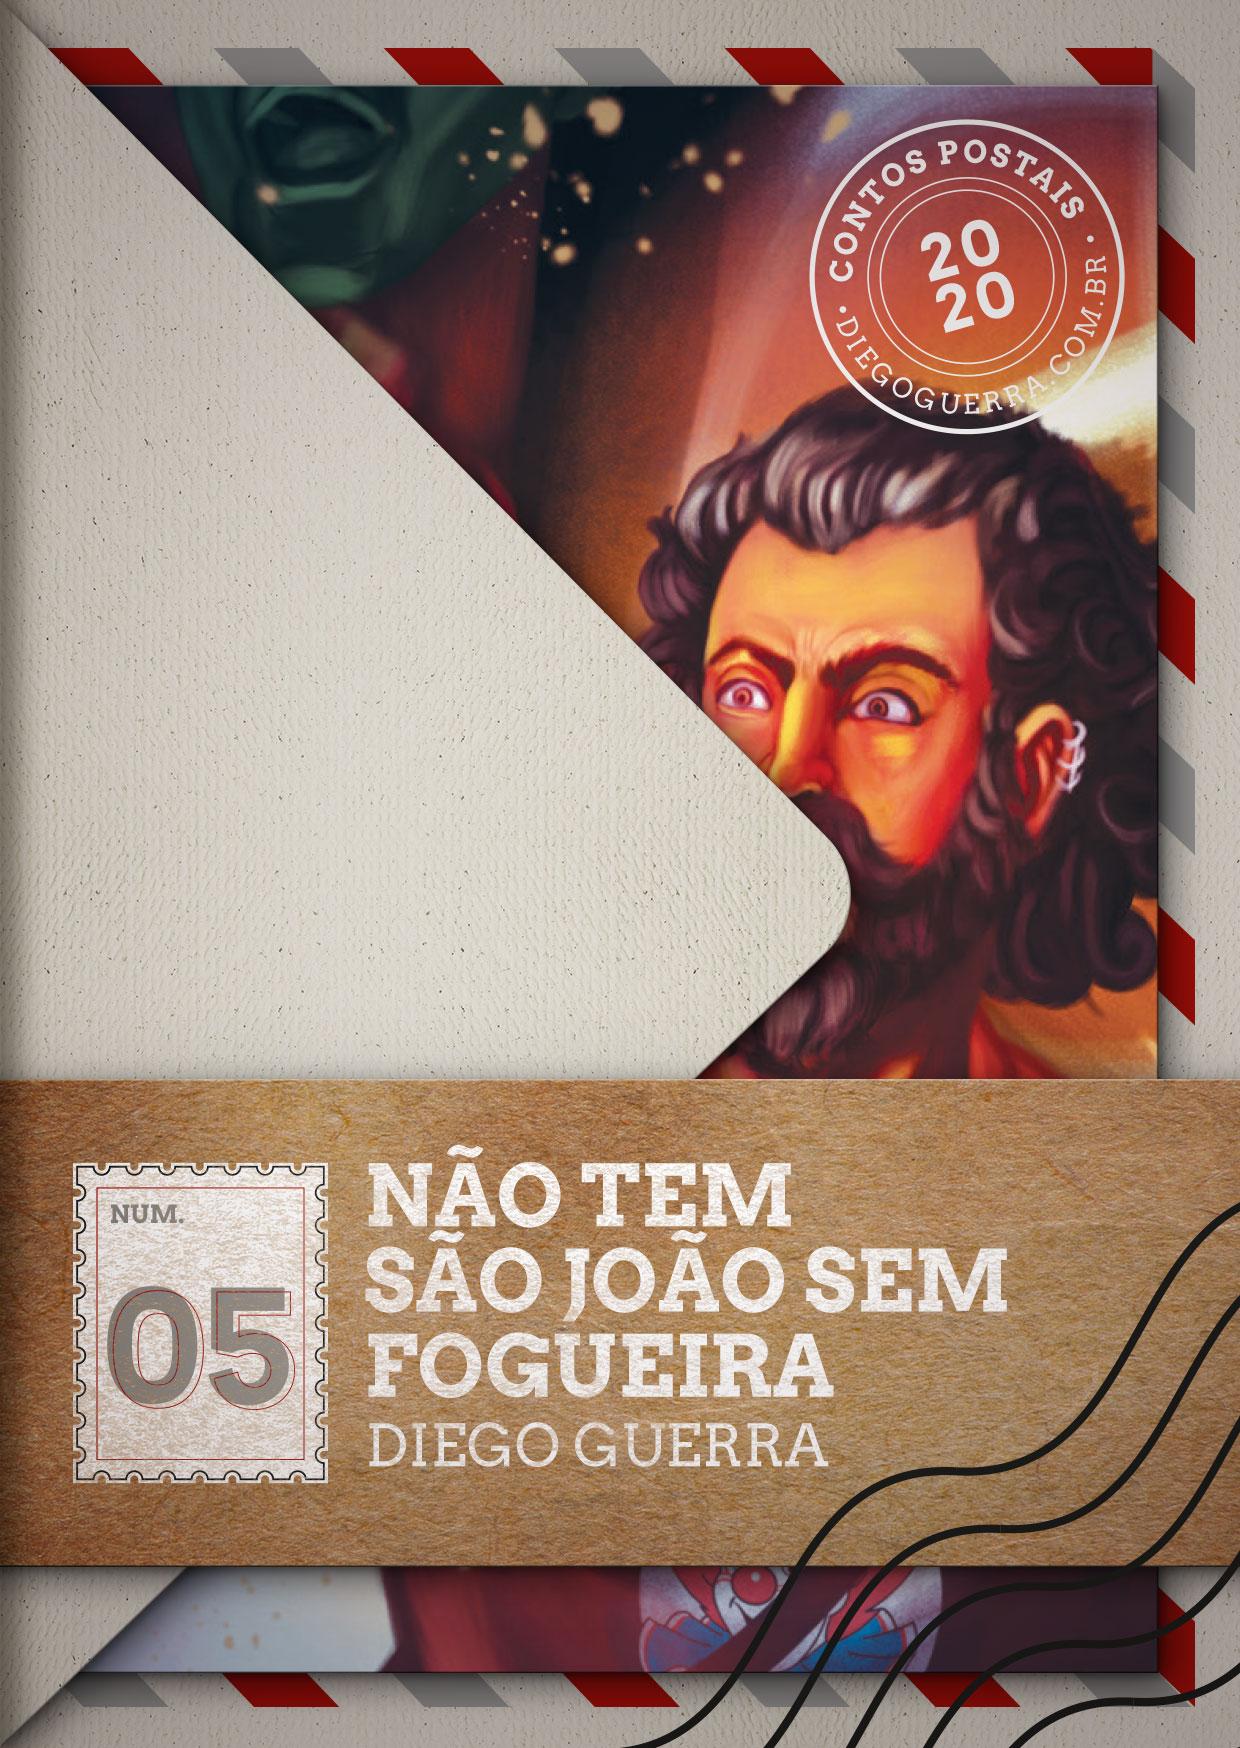 Web ContosPostais2020 05 capa Contos Postais A01E05 | Não tem São João sem fogueira